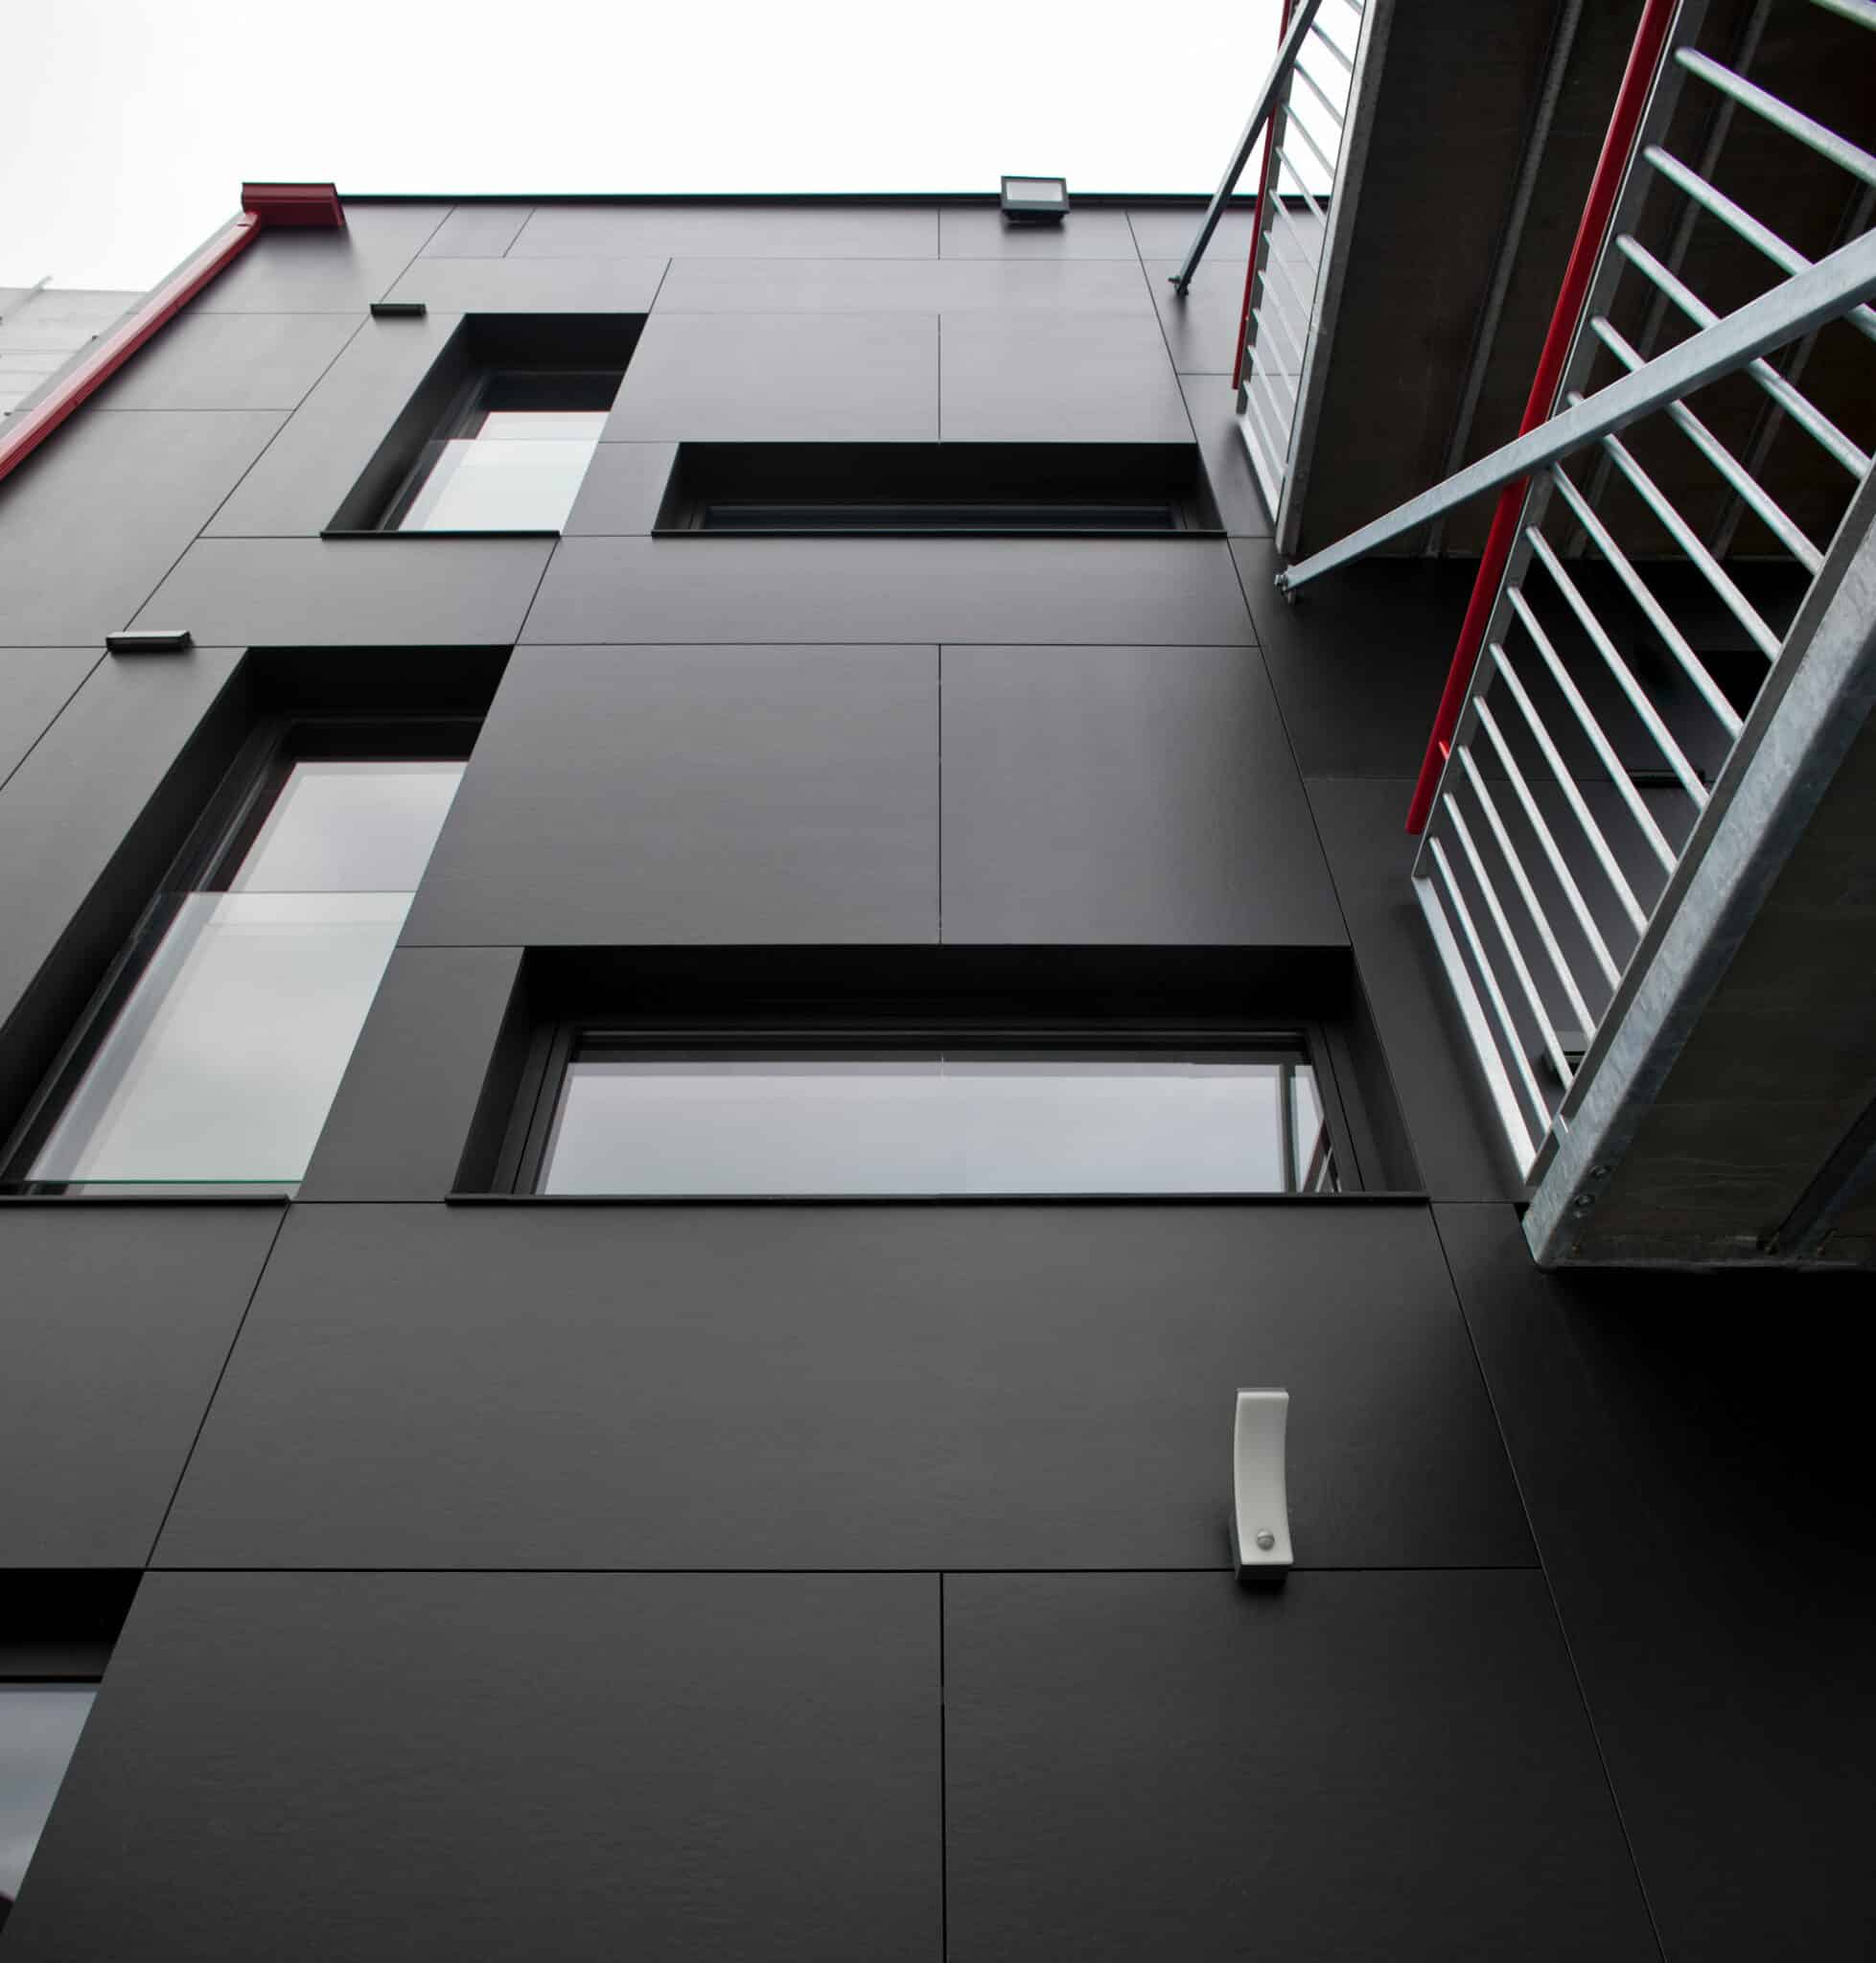 Arteixo Residential  - Arteixo Dekton facade 10 45